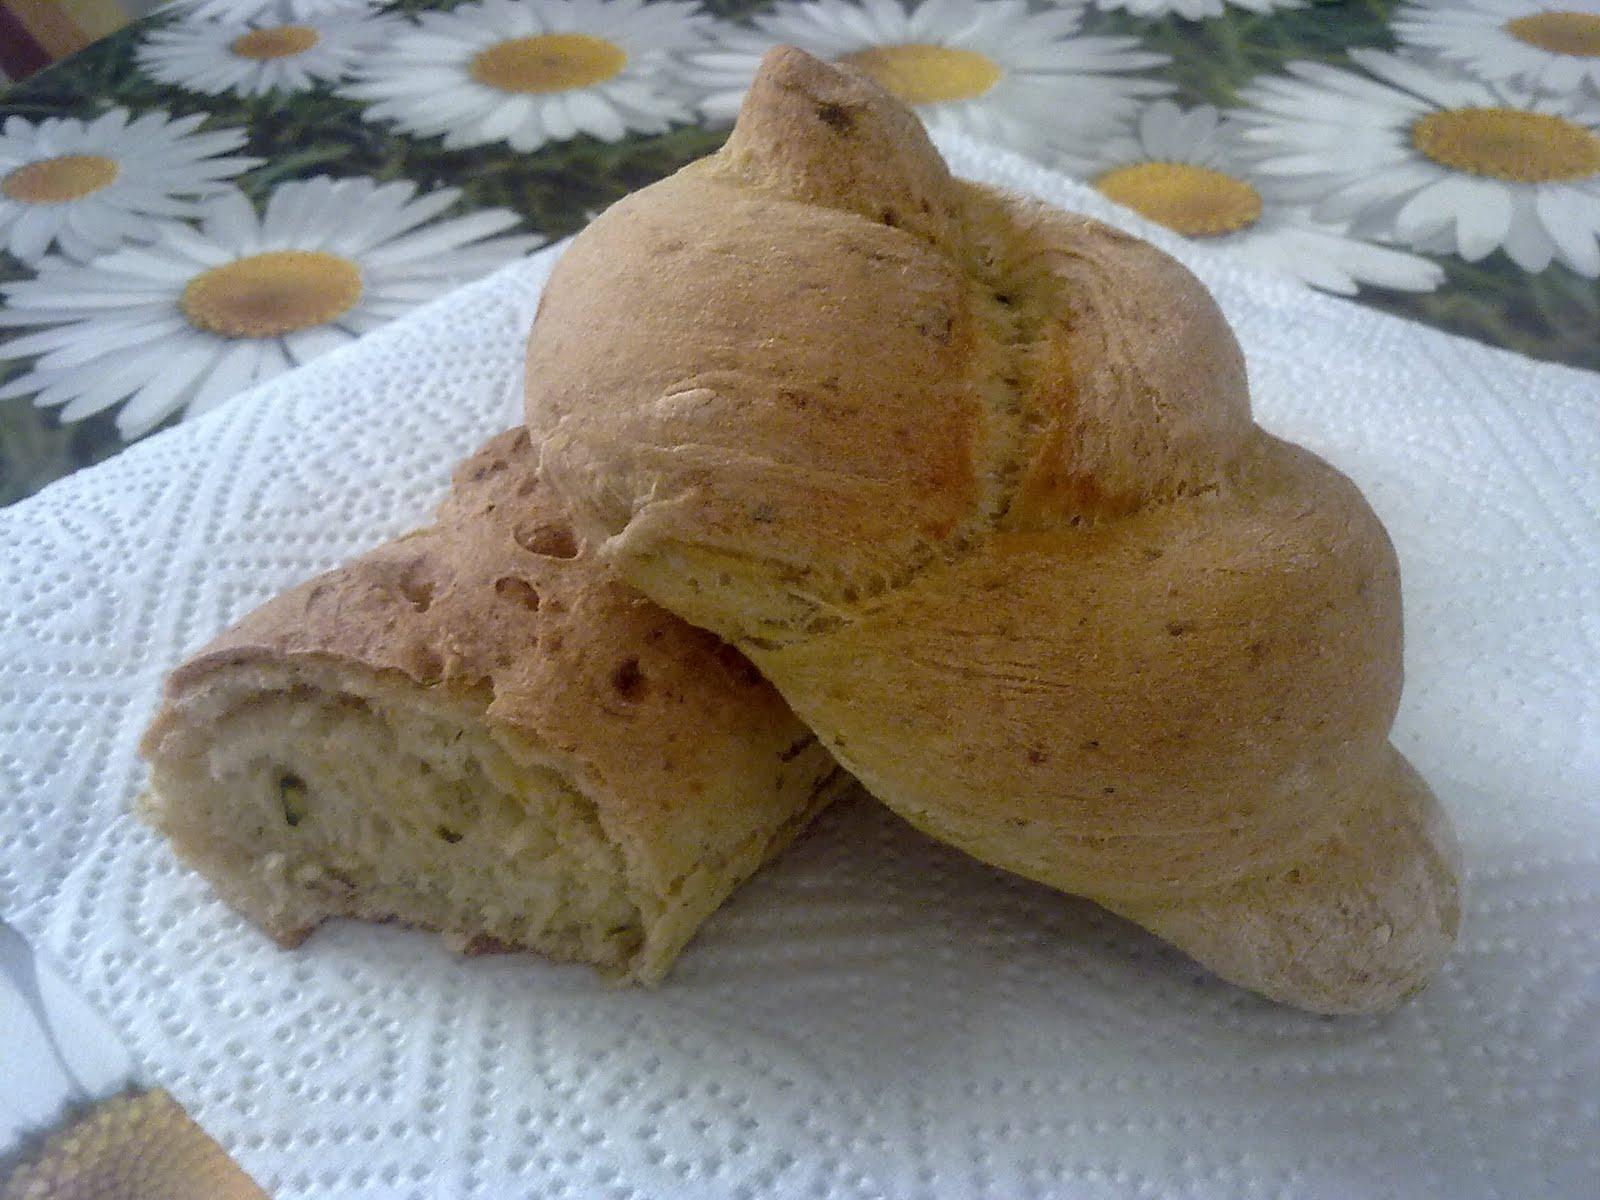 Le ricette in cucina di patatina pane alle zucchine for Come faccio a ottenere un prestito per costruire una casa